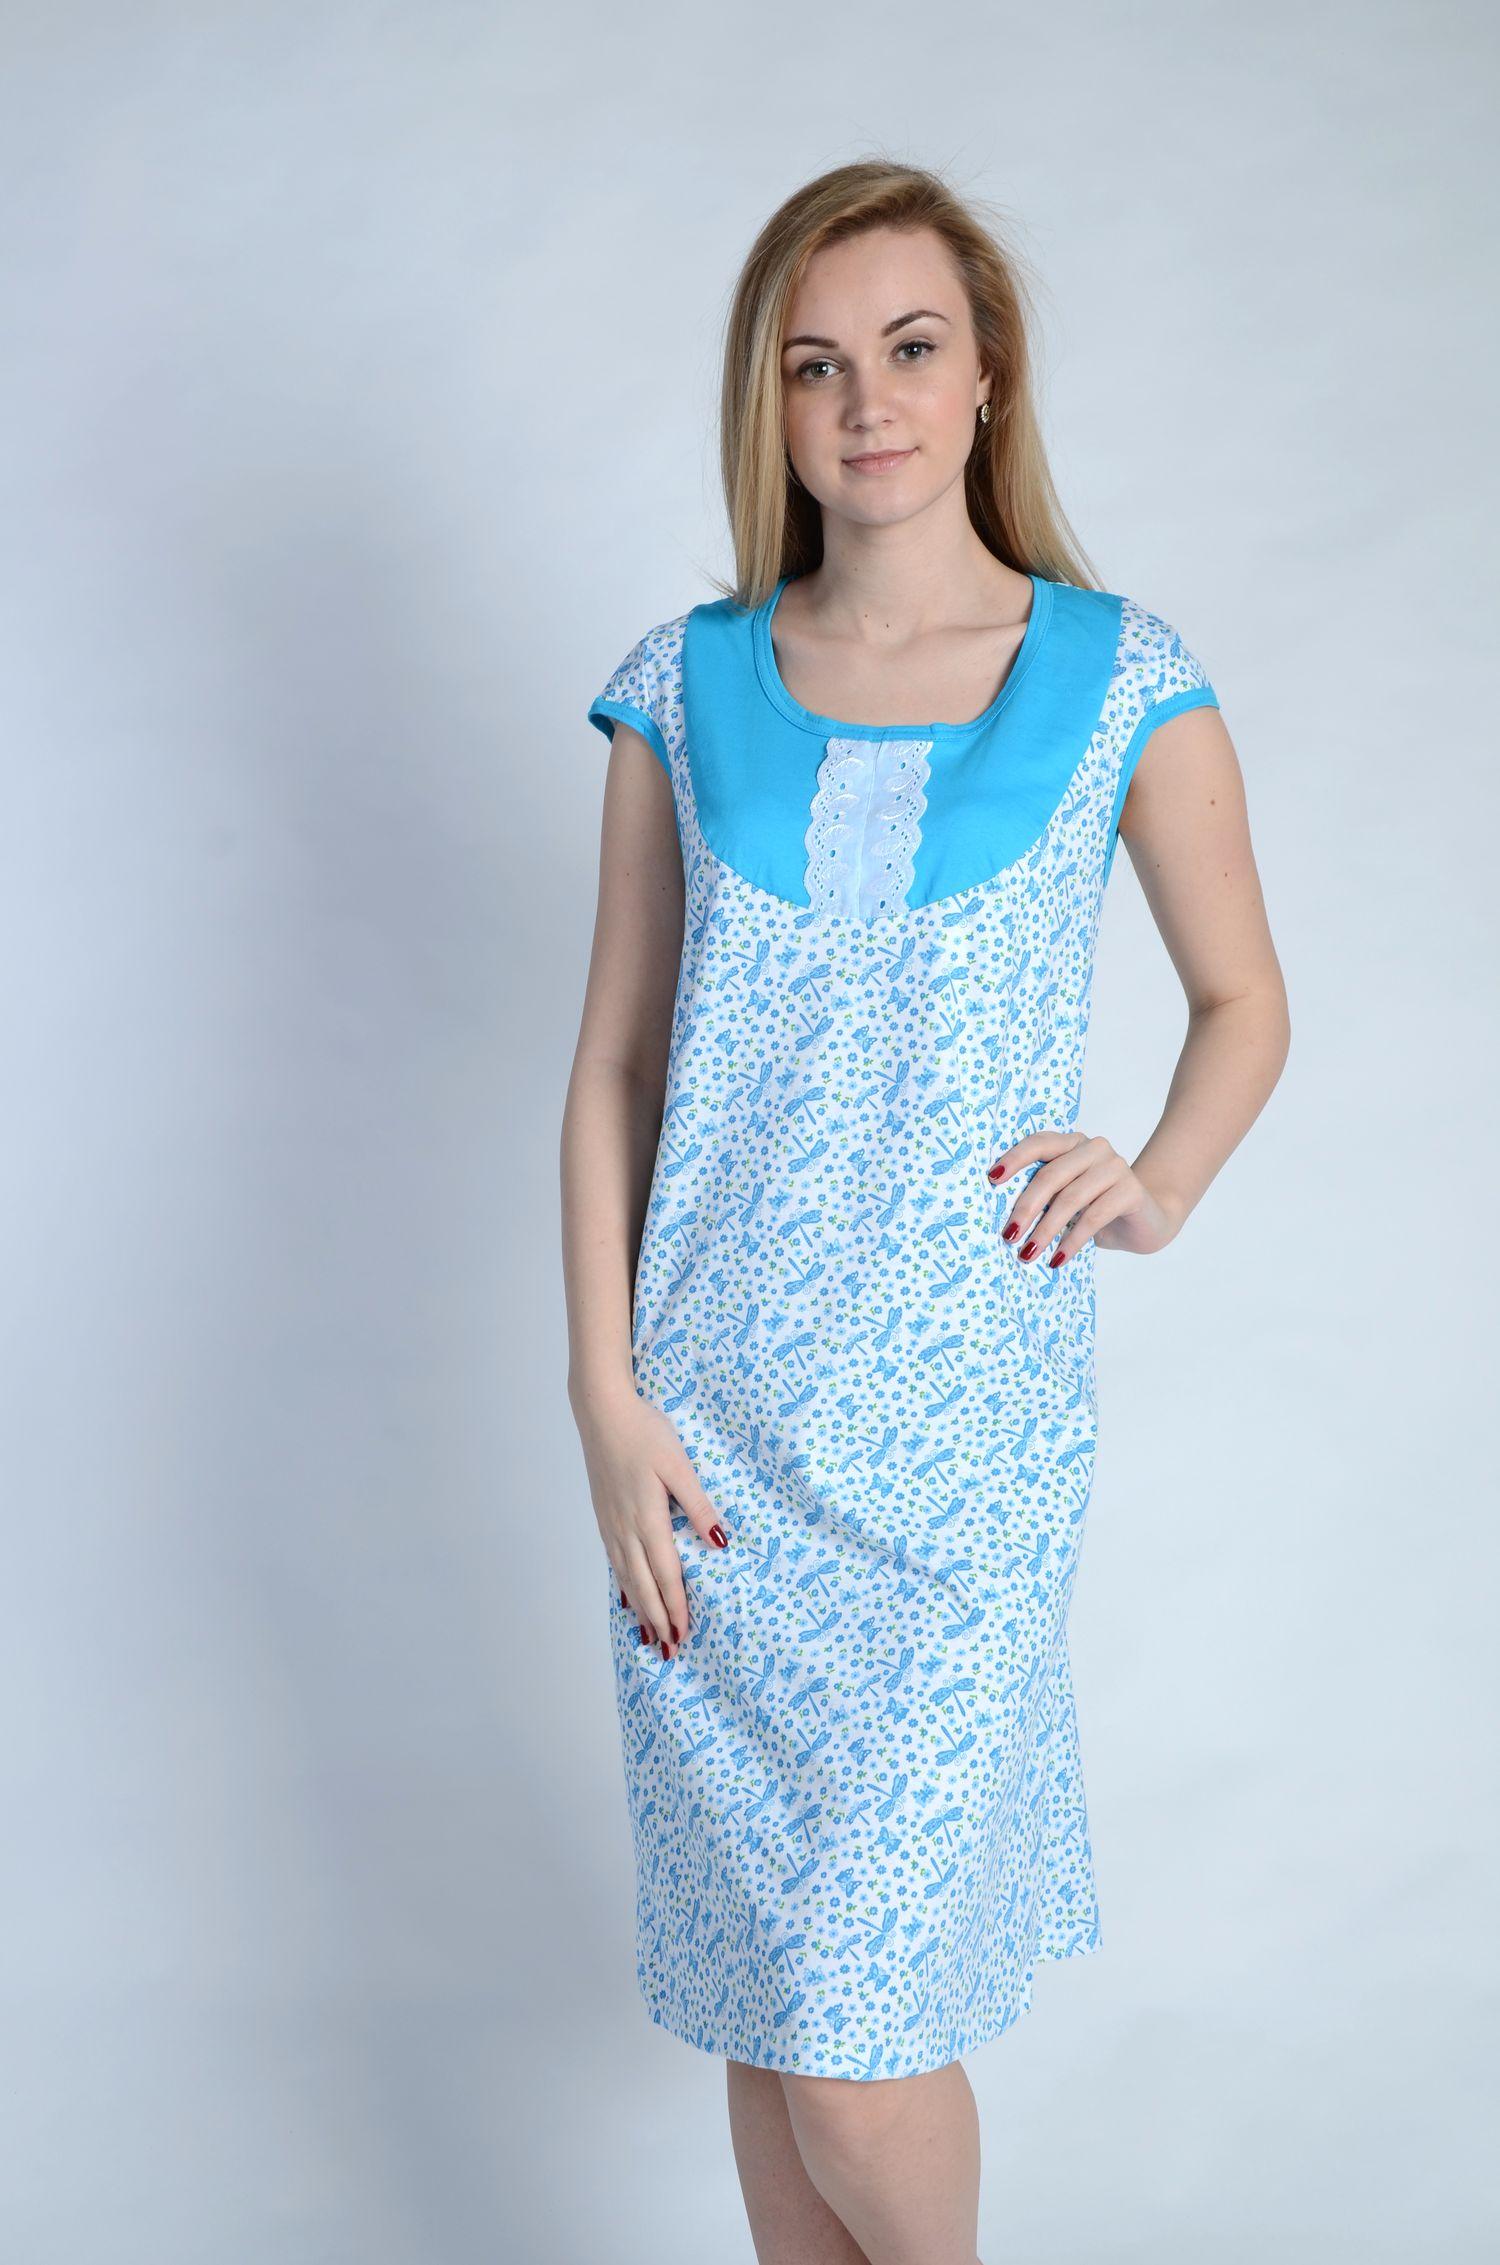 Сорочка женская АврораСорочки<br><br><br>Размер: 54